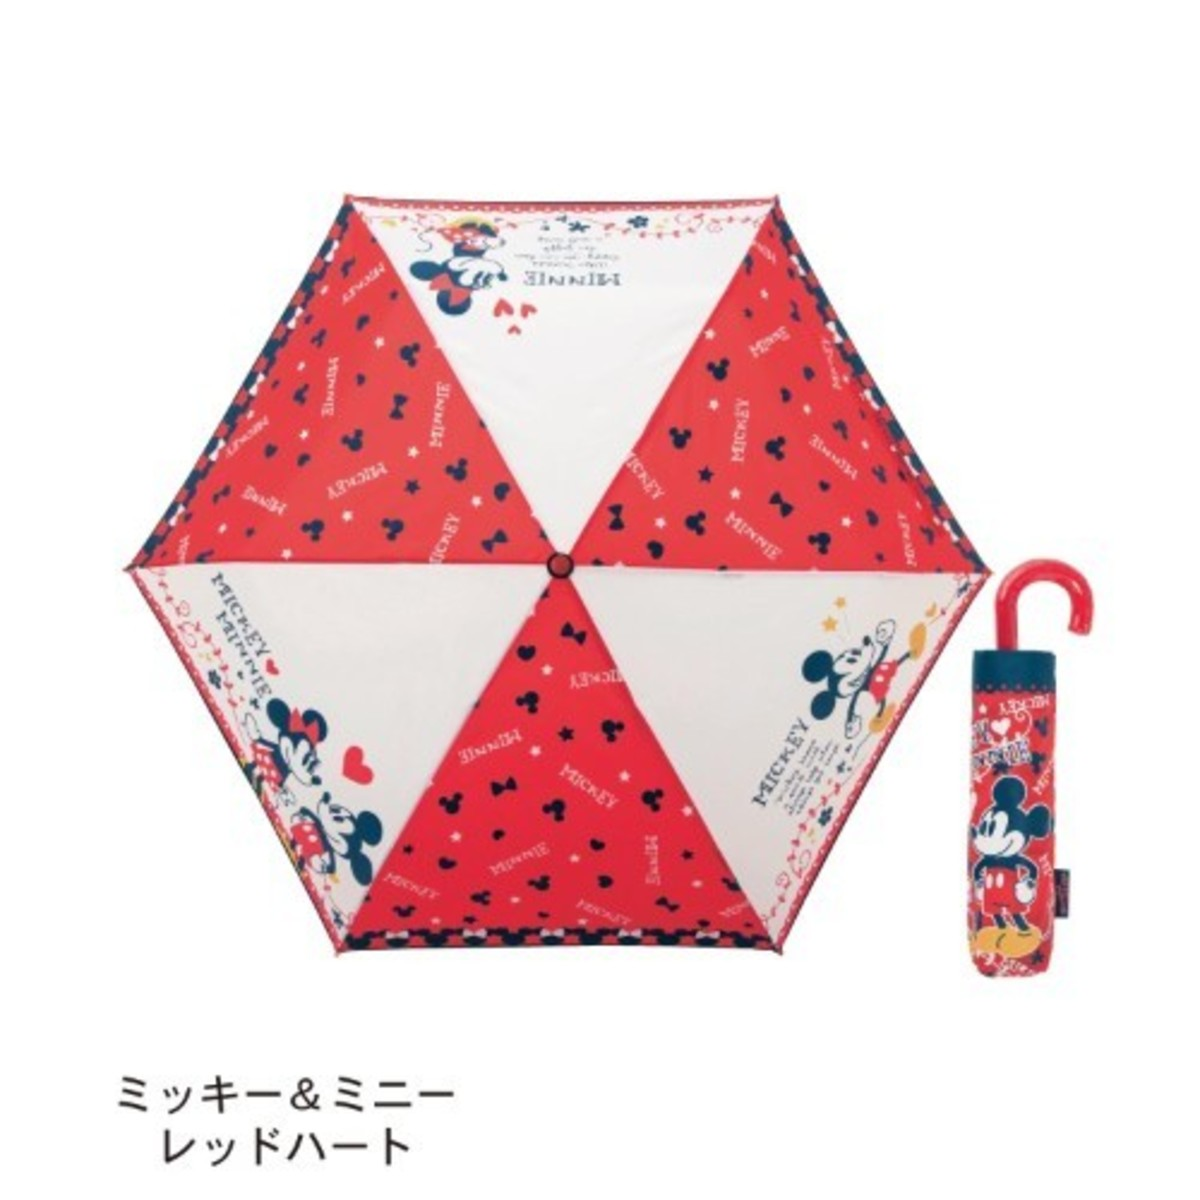 Mickey & Minnie 耐風骨摺疊雨傘(90275)